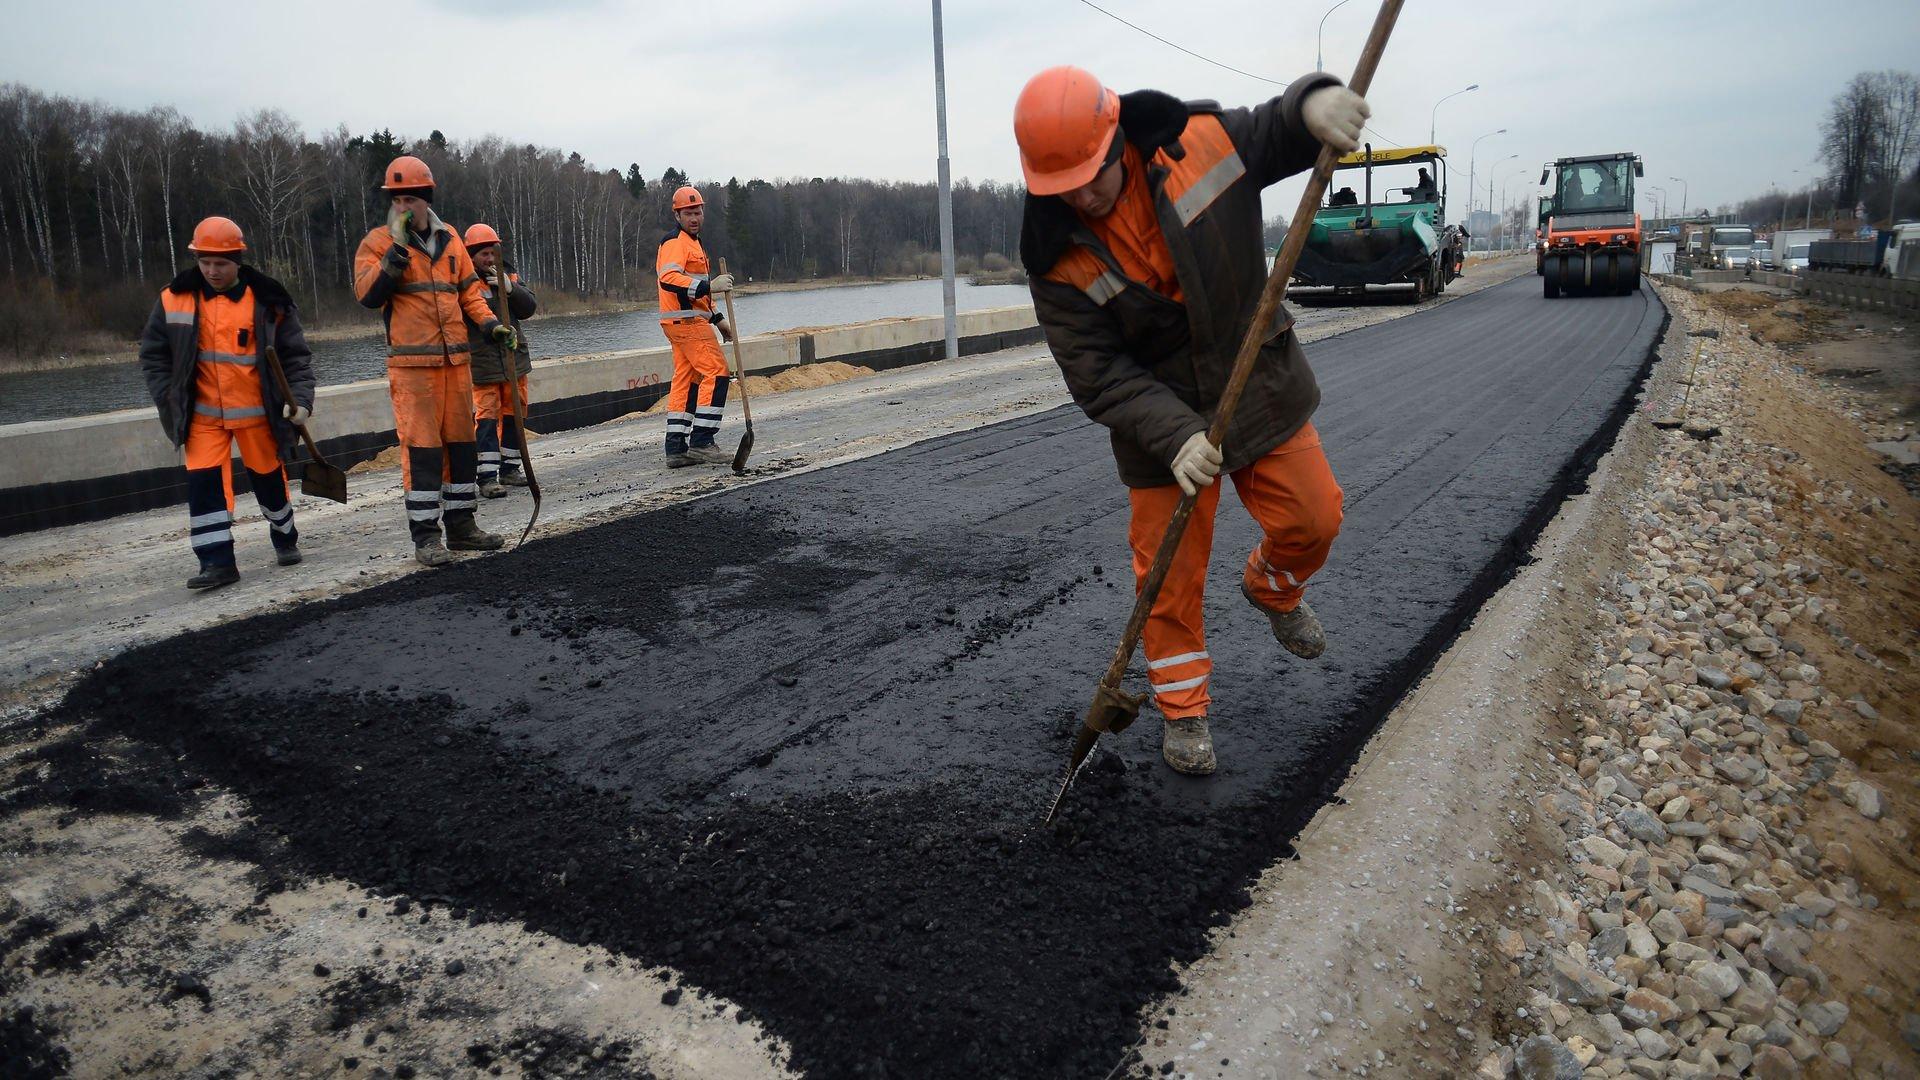 Ведется восстановление движения на дороге  Лесное - Заболотье - Телятники